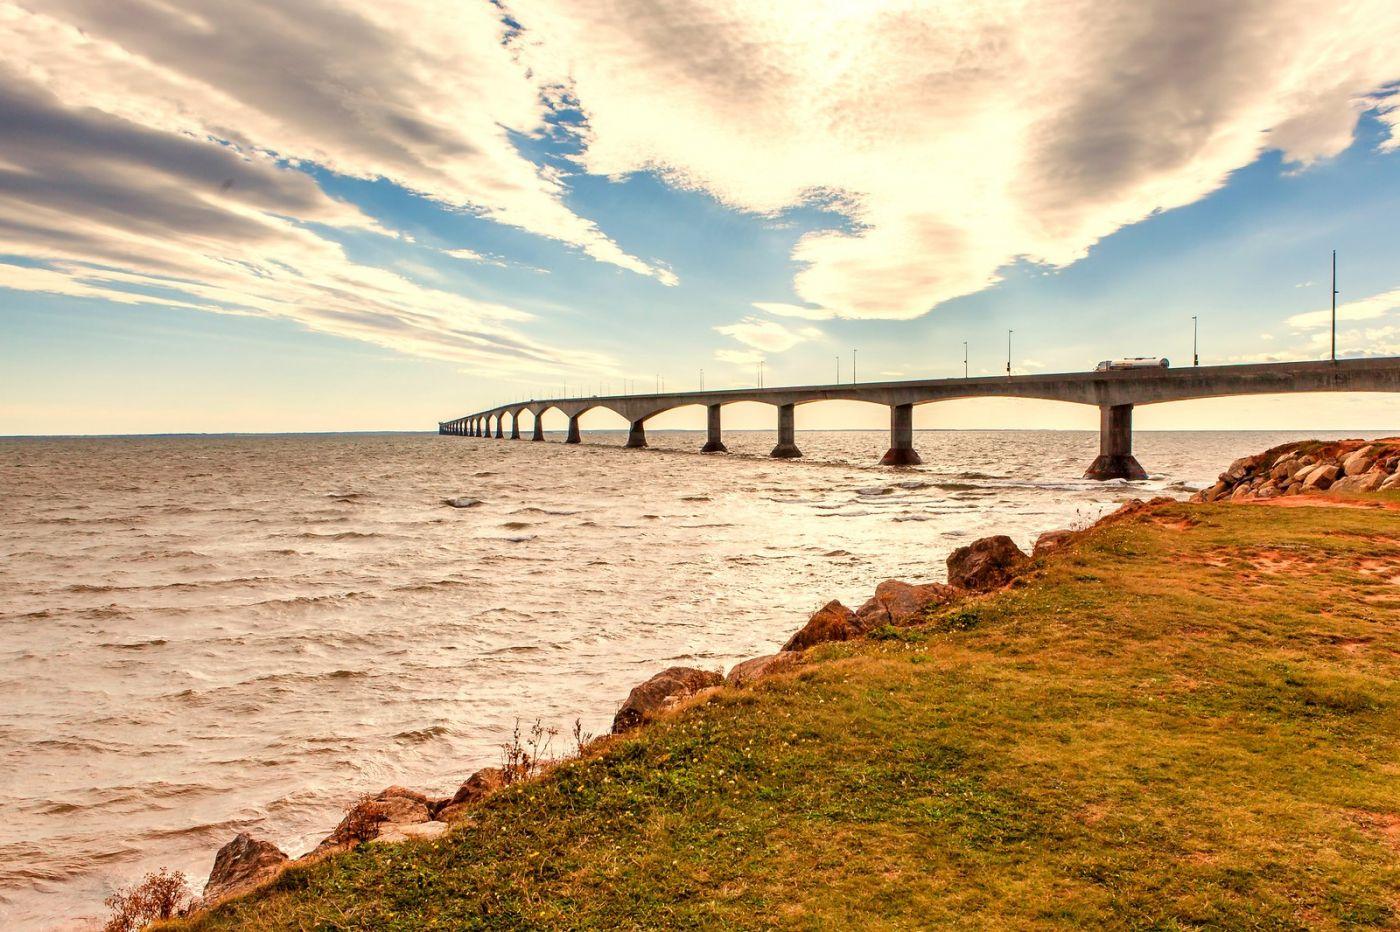 加拿大风景,长桥和灯塔_图1-9